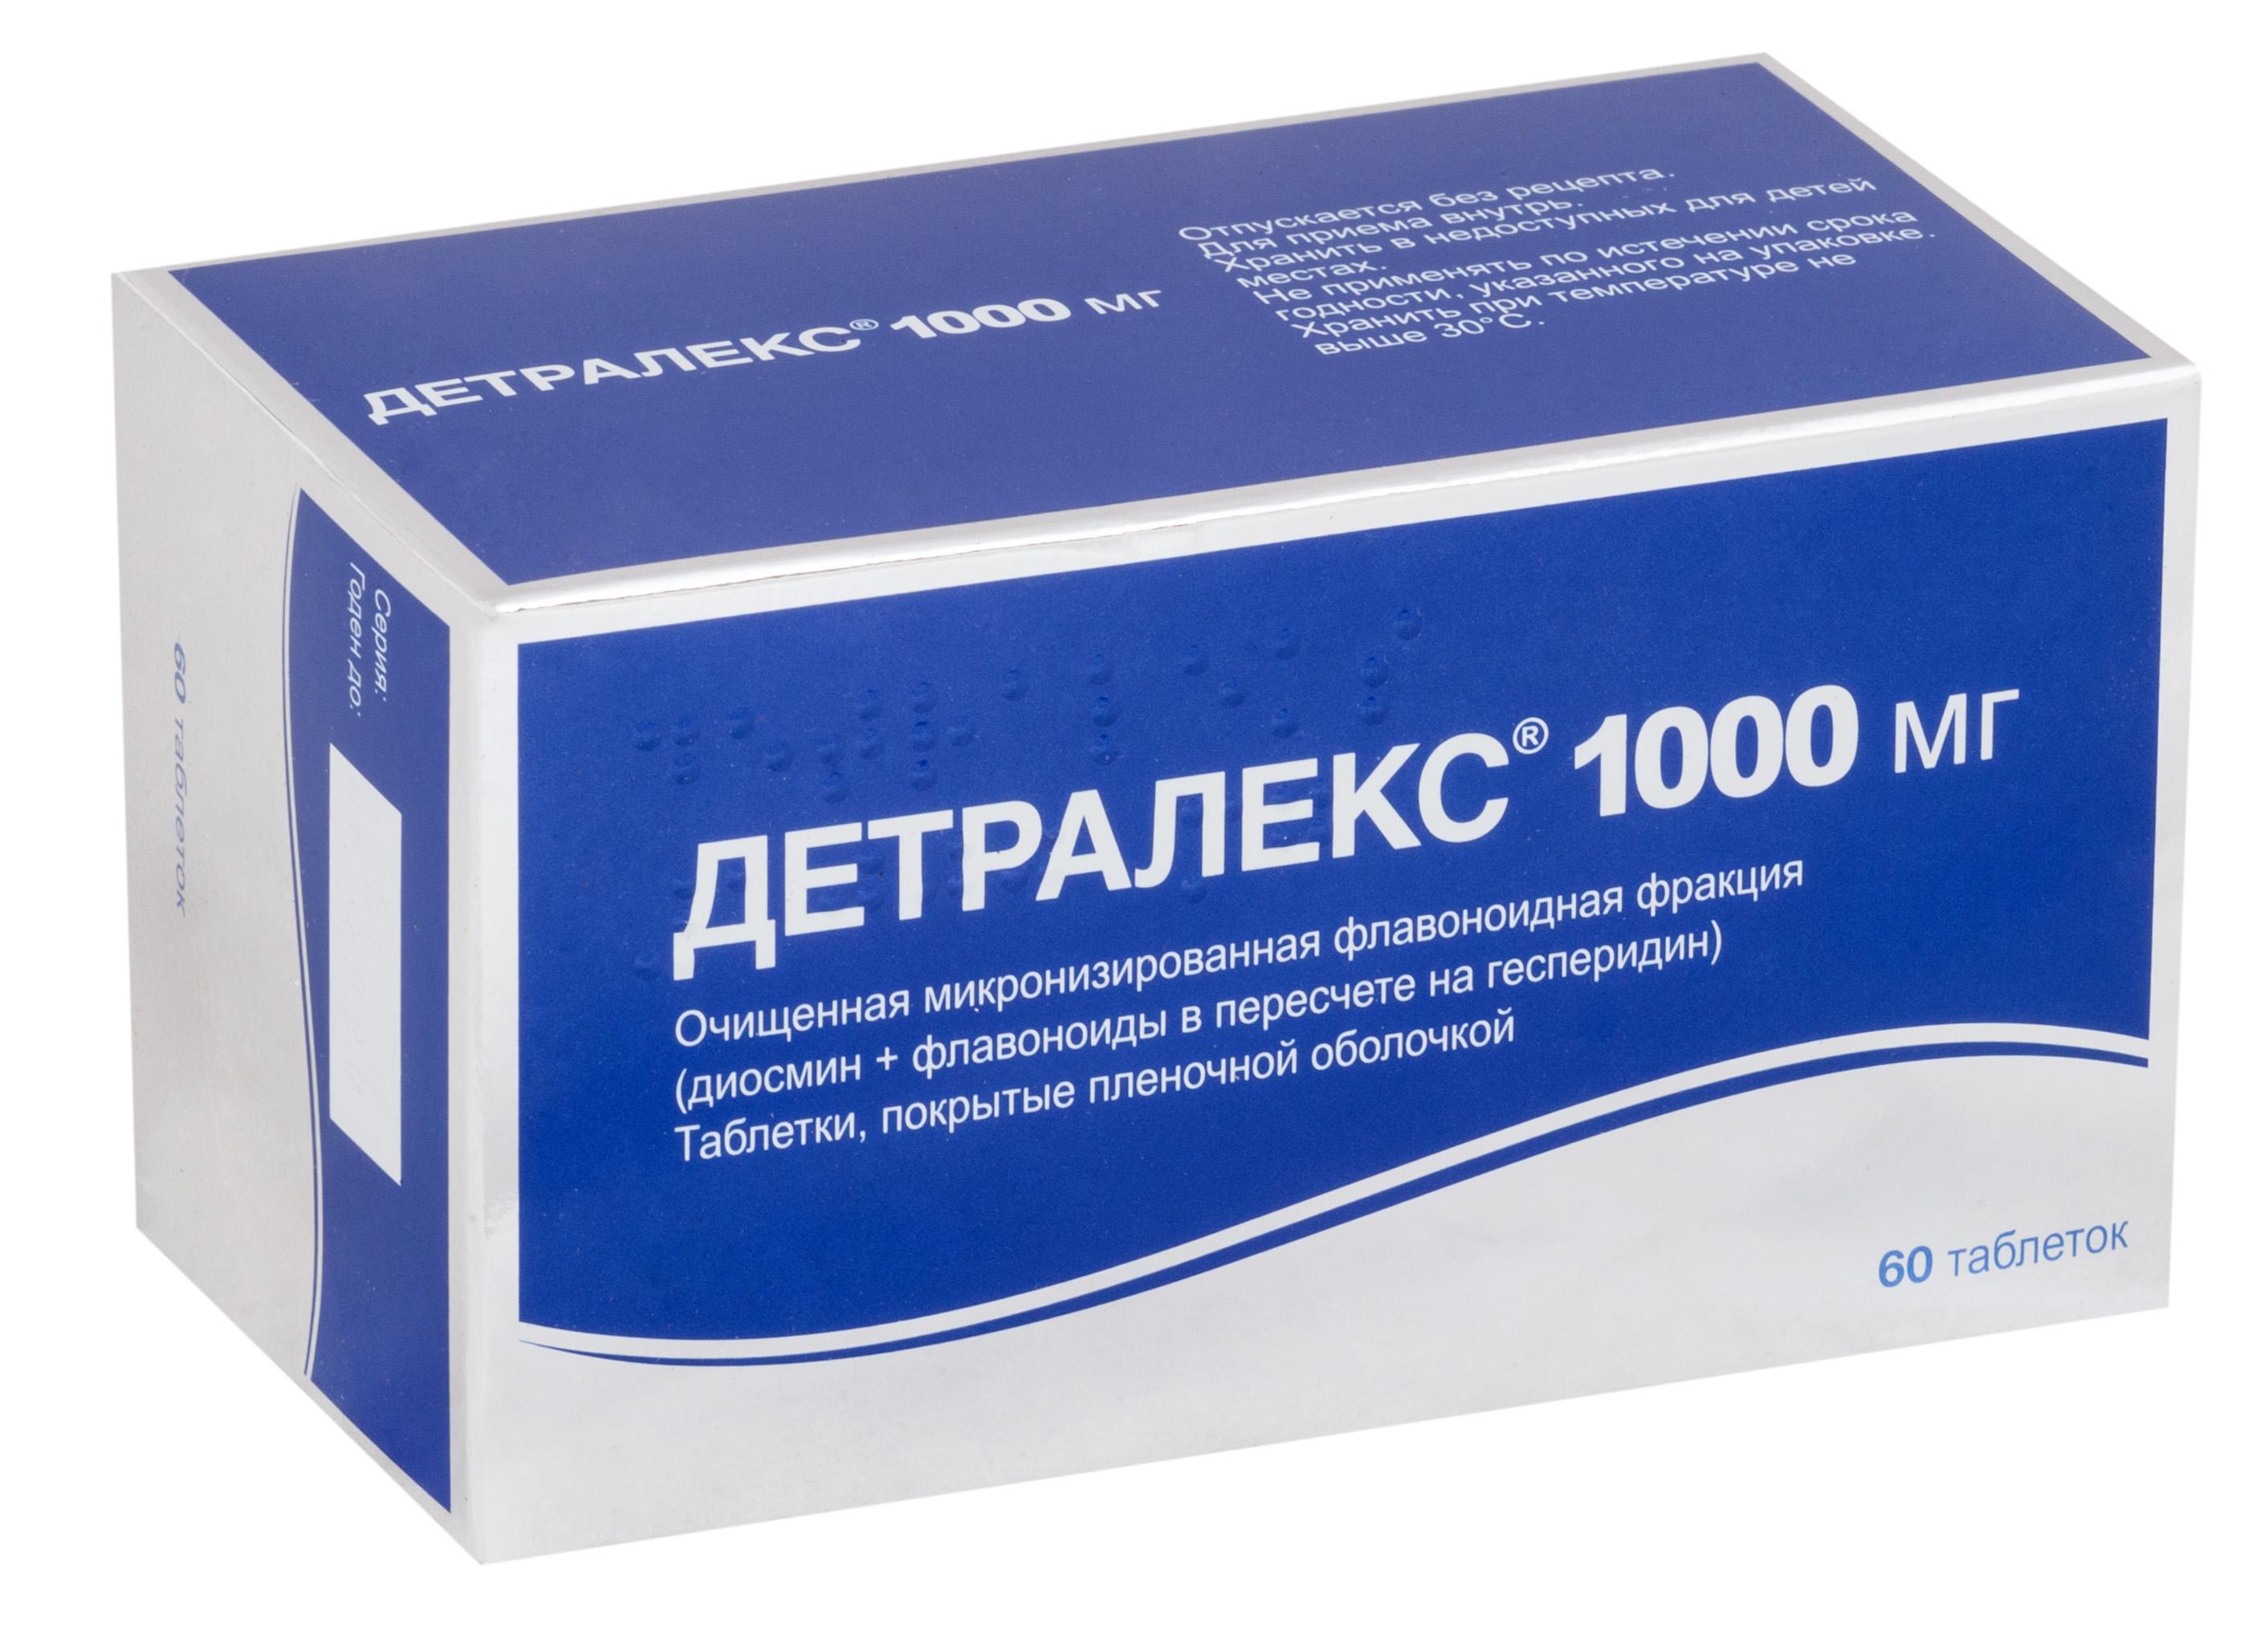 Аналог таблеток диосмин